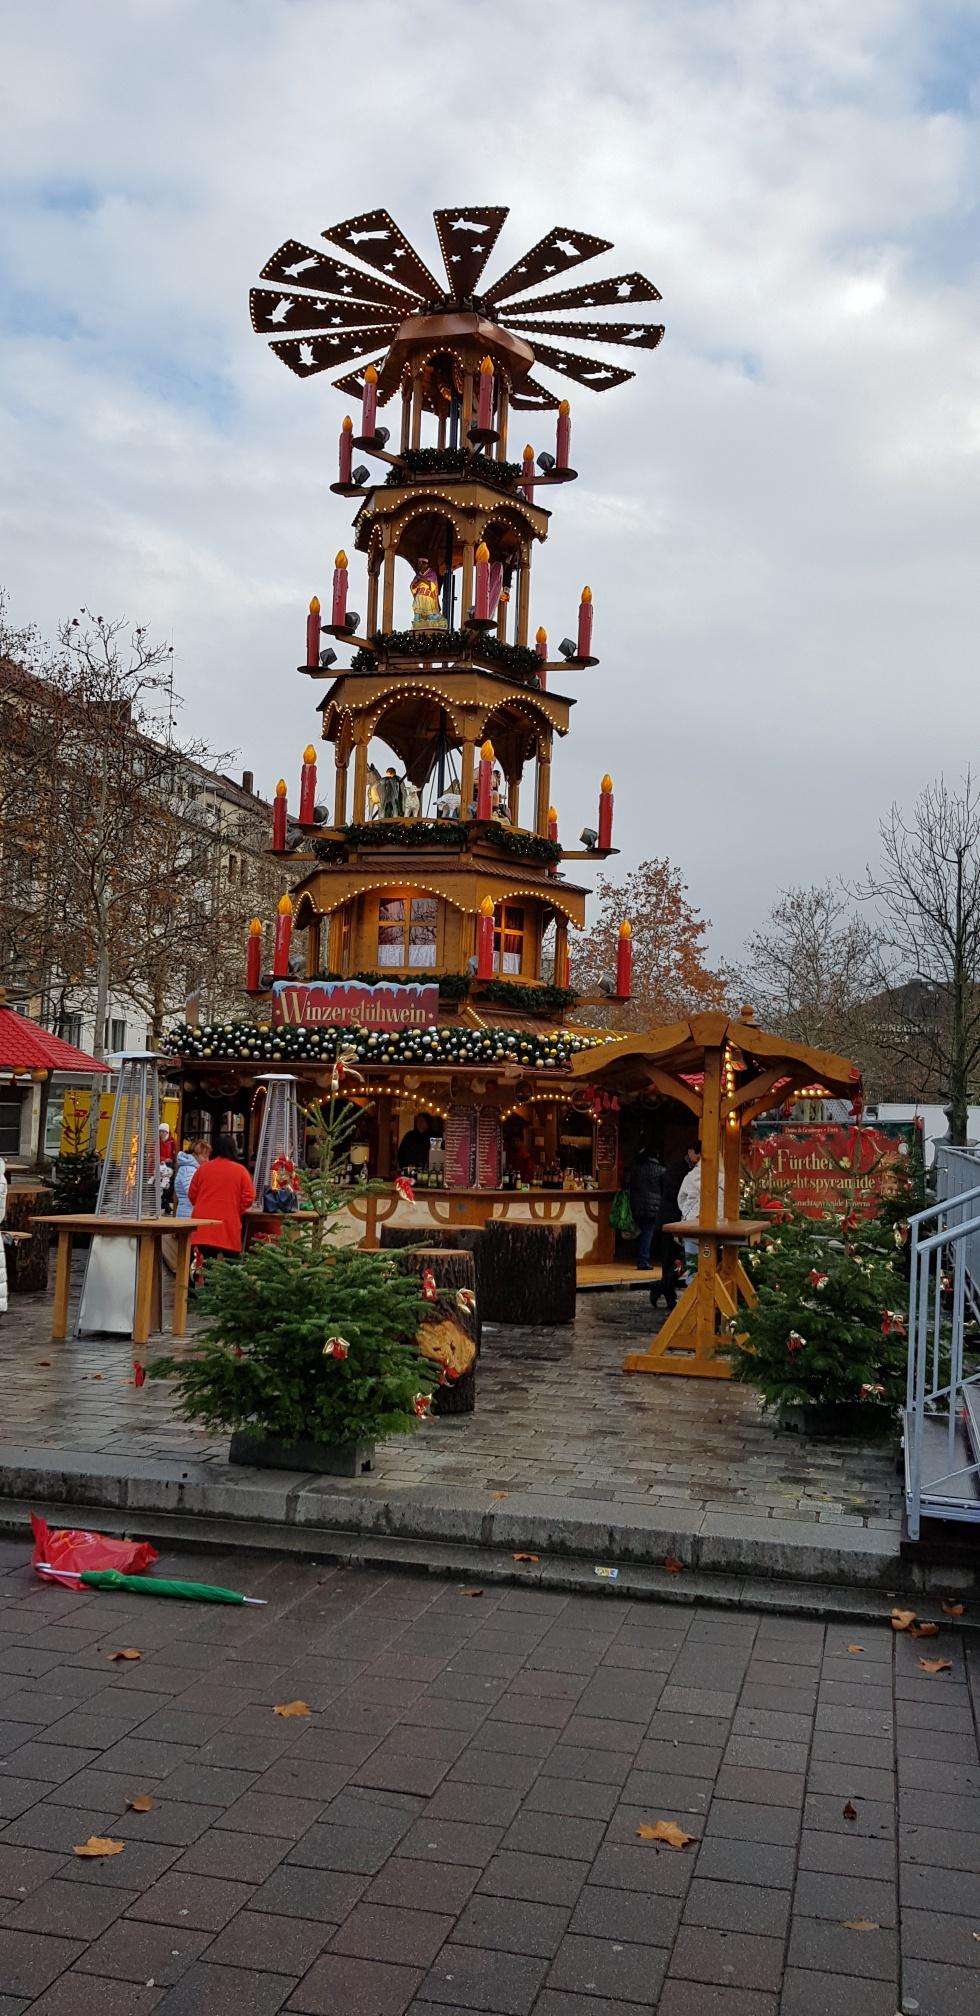 Weihnachtsmarkt Fürth.Veranstaltung Weihnachtsmarkt Fürth 29 11 2018 Bis 23 12 2018